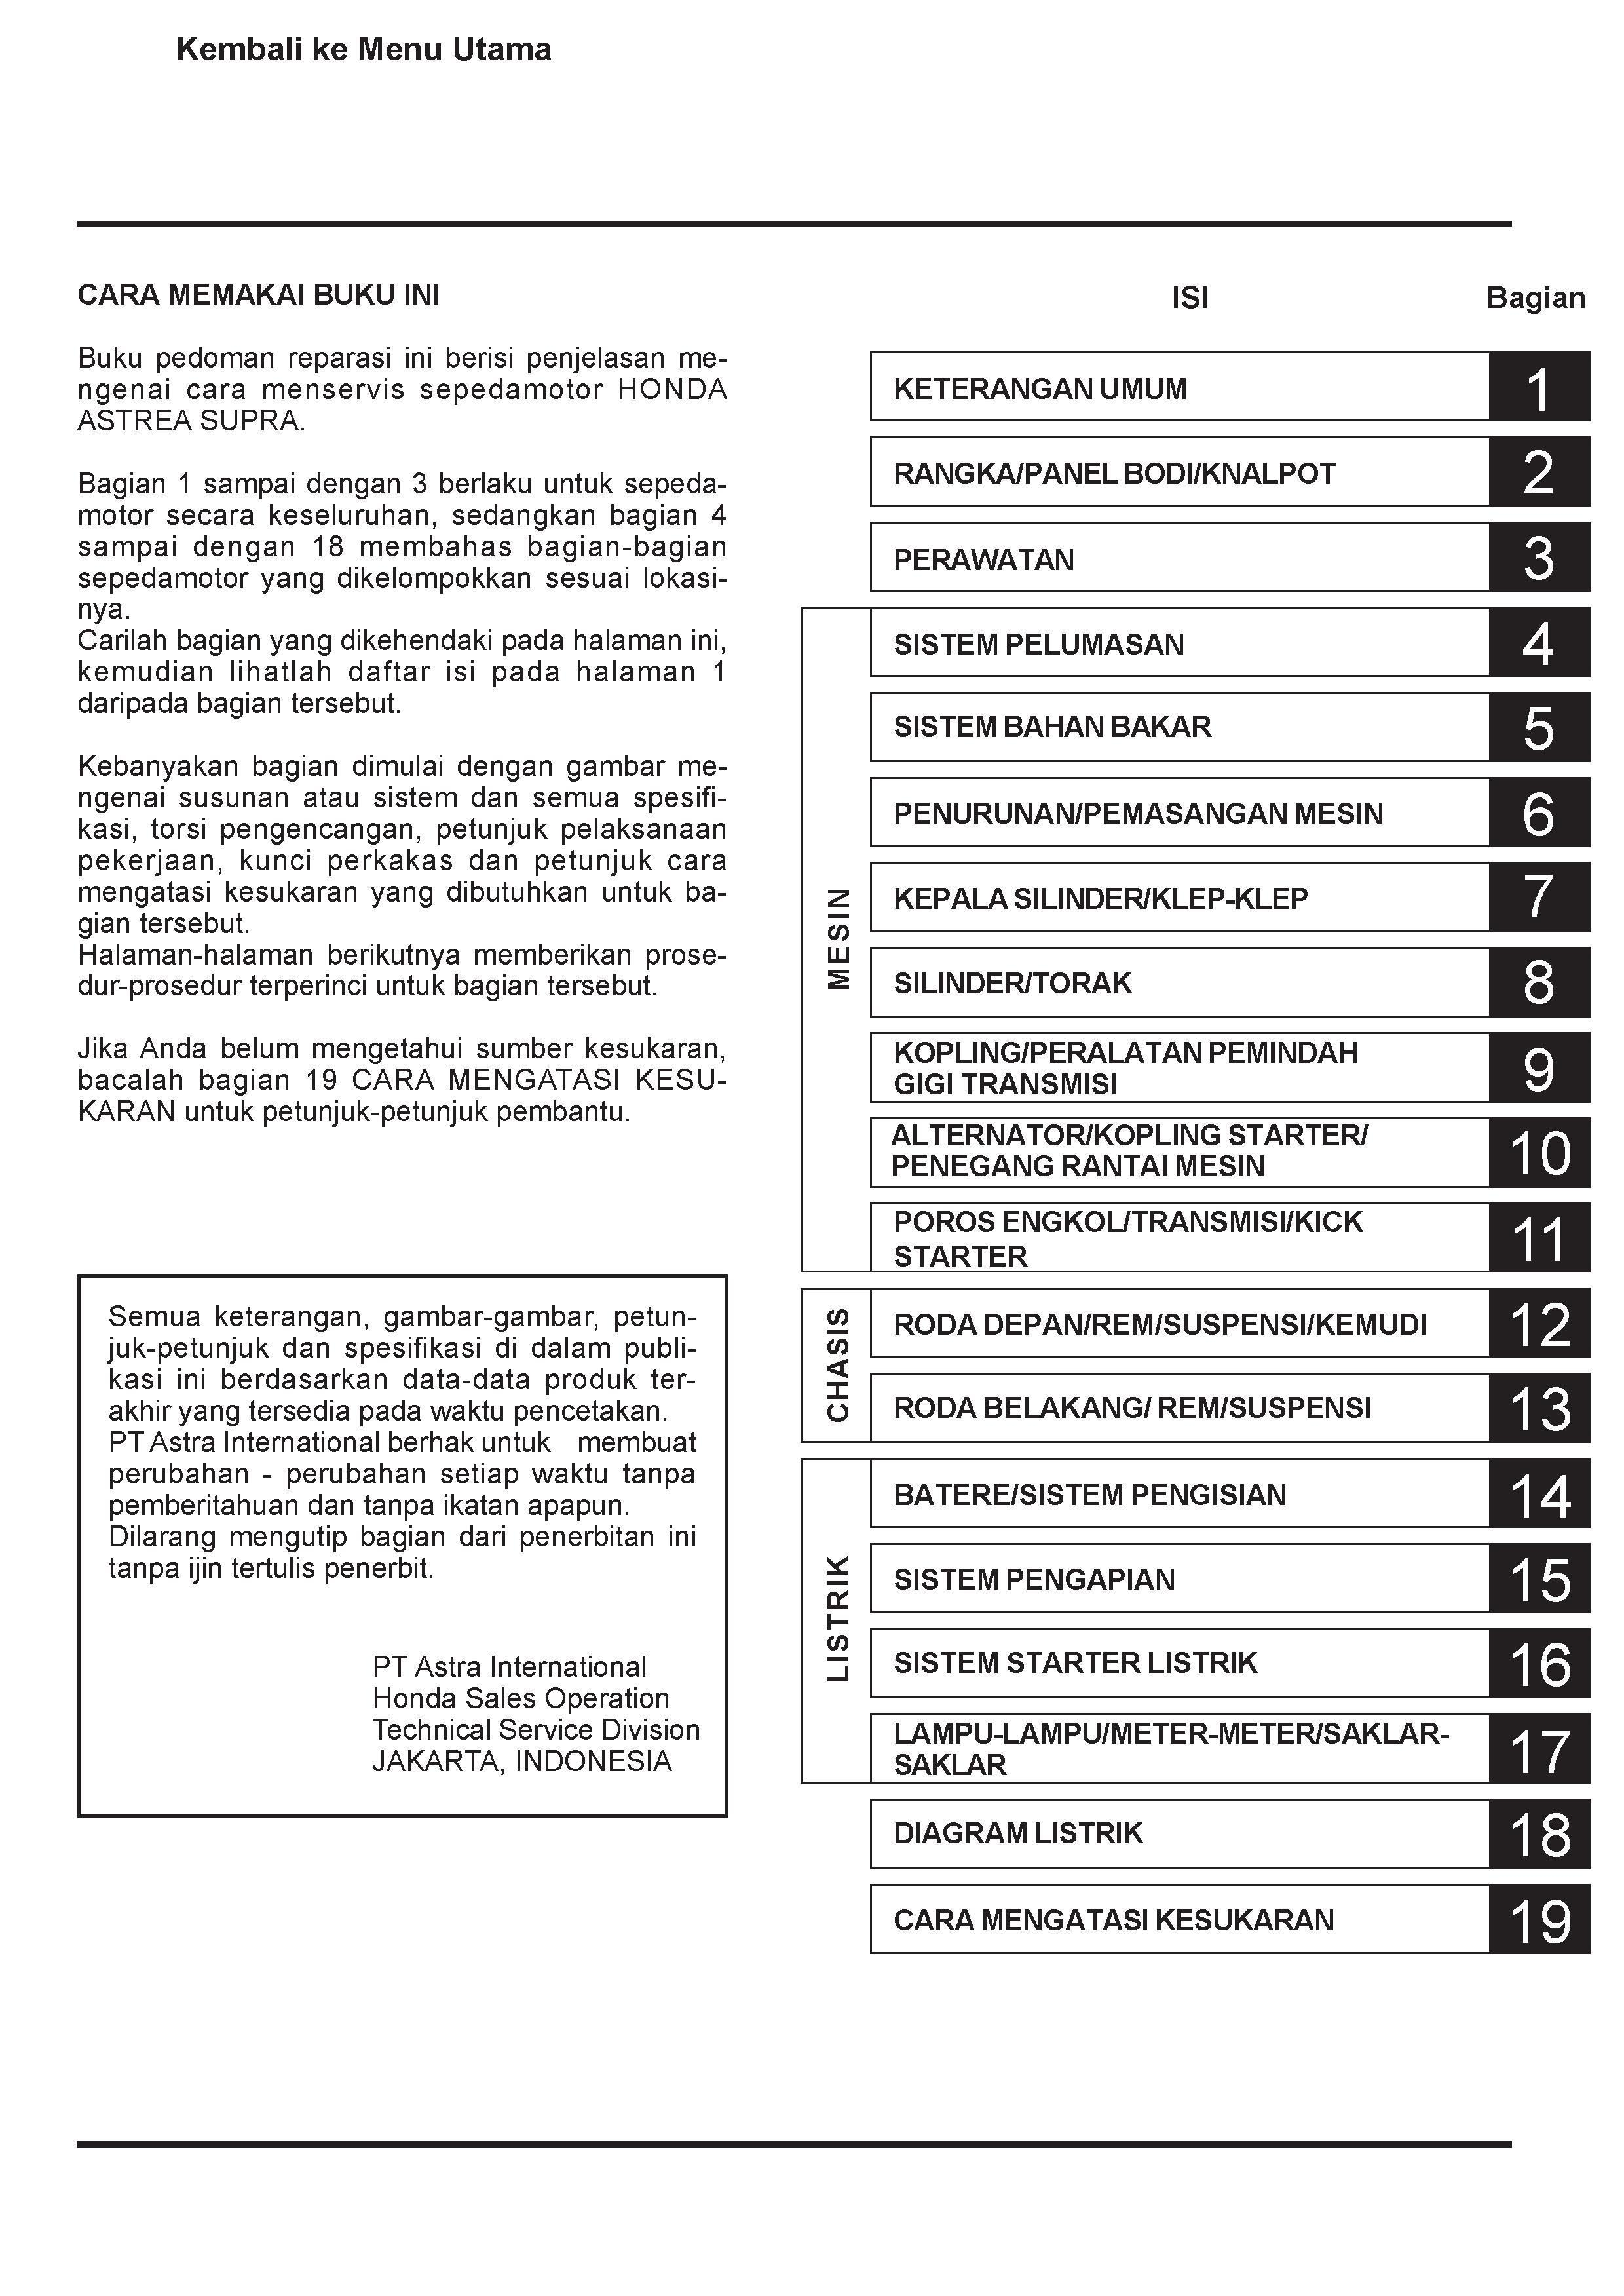 Workshop manual for Honda Astrea Supra (Indonesian)